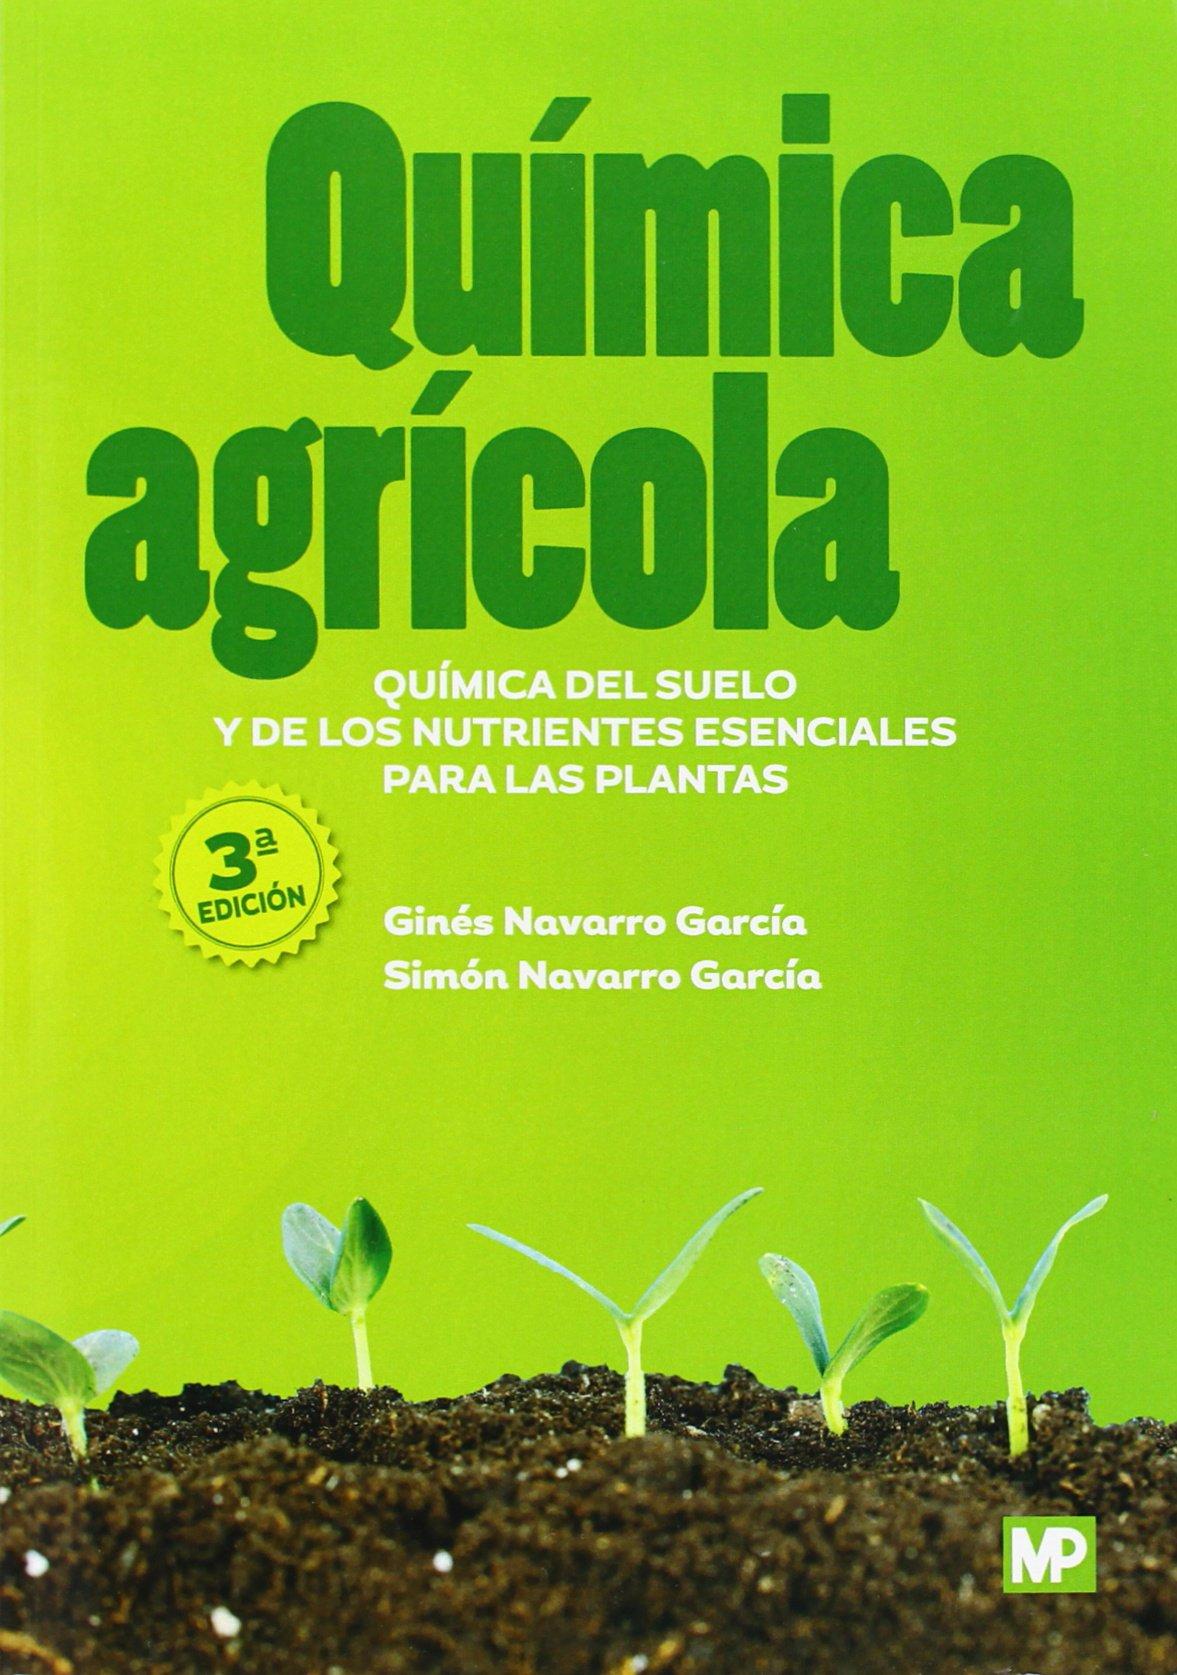 Química agrícola de Gines Navarro García y Simón Navarro García